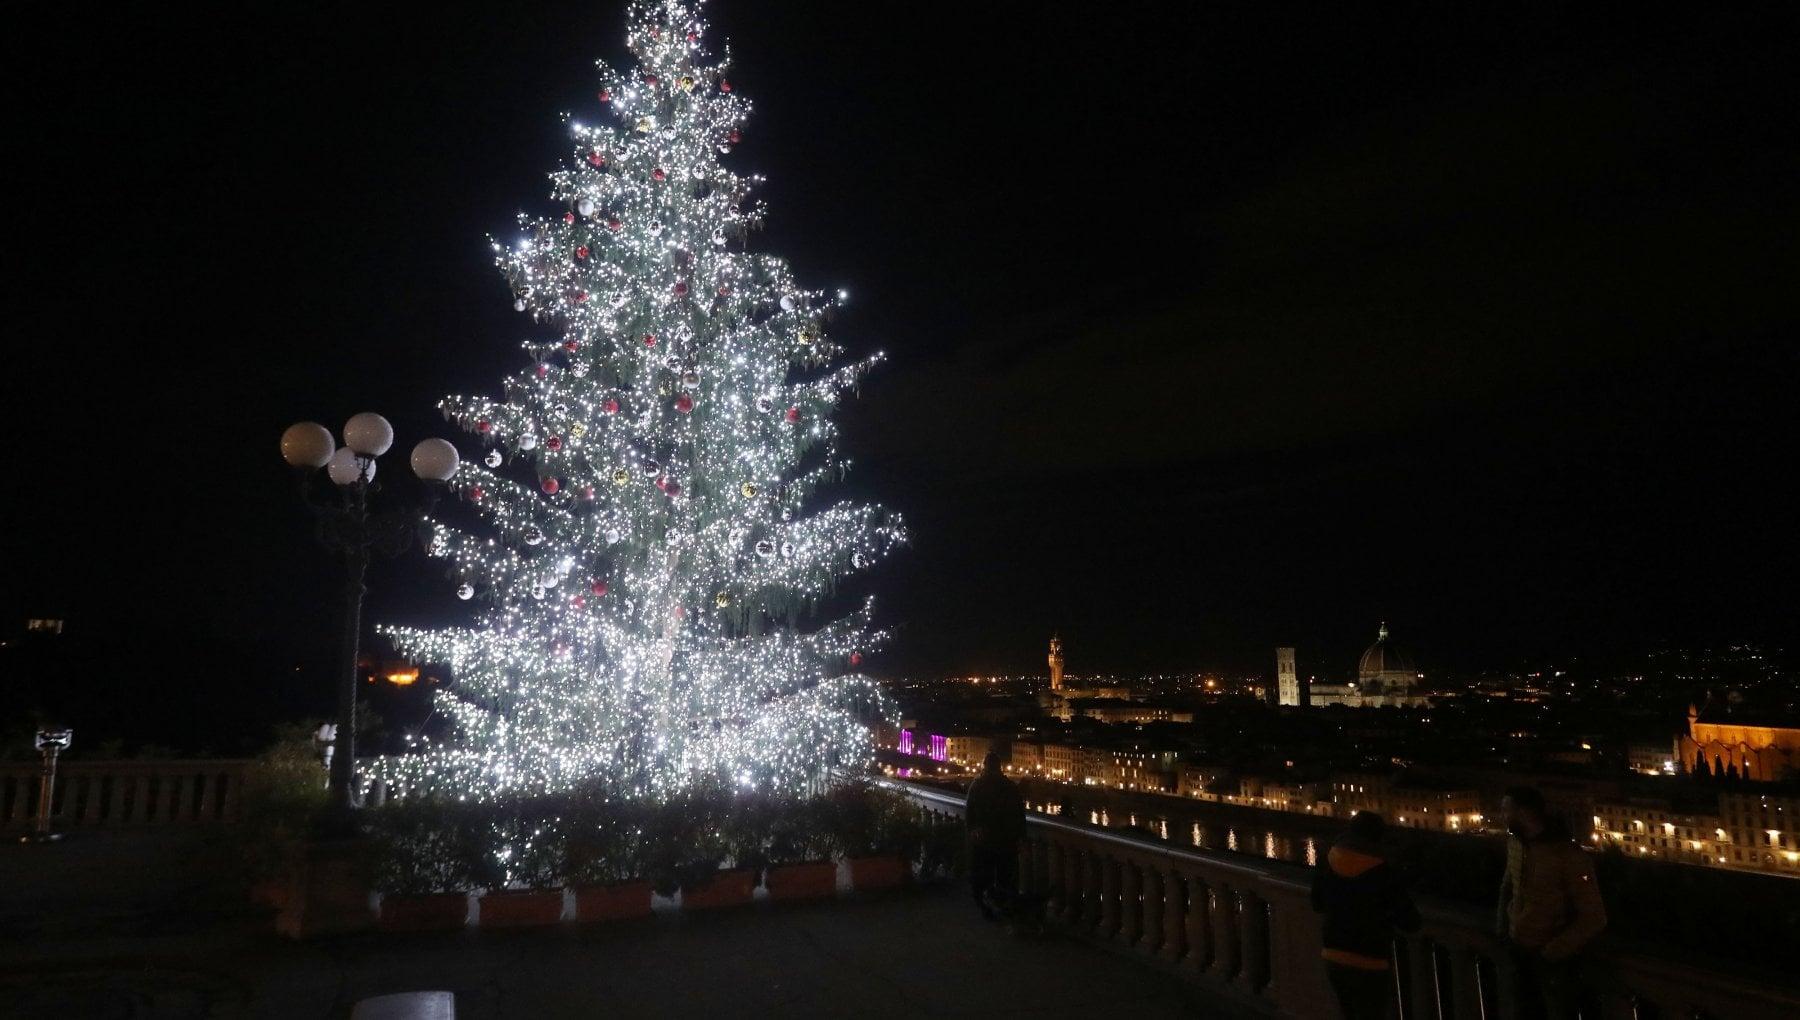 Immagini Alberi Di Natale.Firenze Il Sindaco Accende Gli Alberi Di Natale Con Un Clic La Repubblica